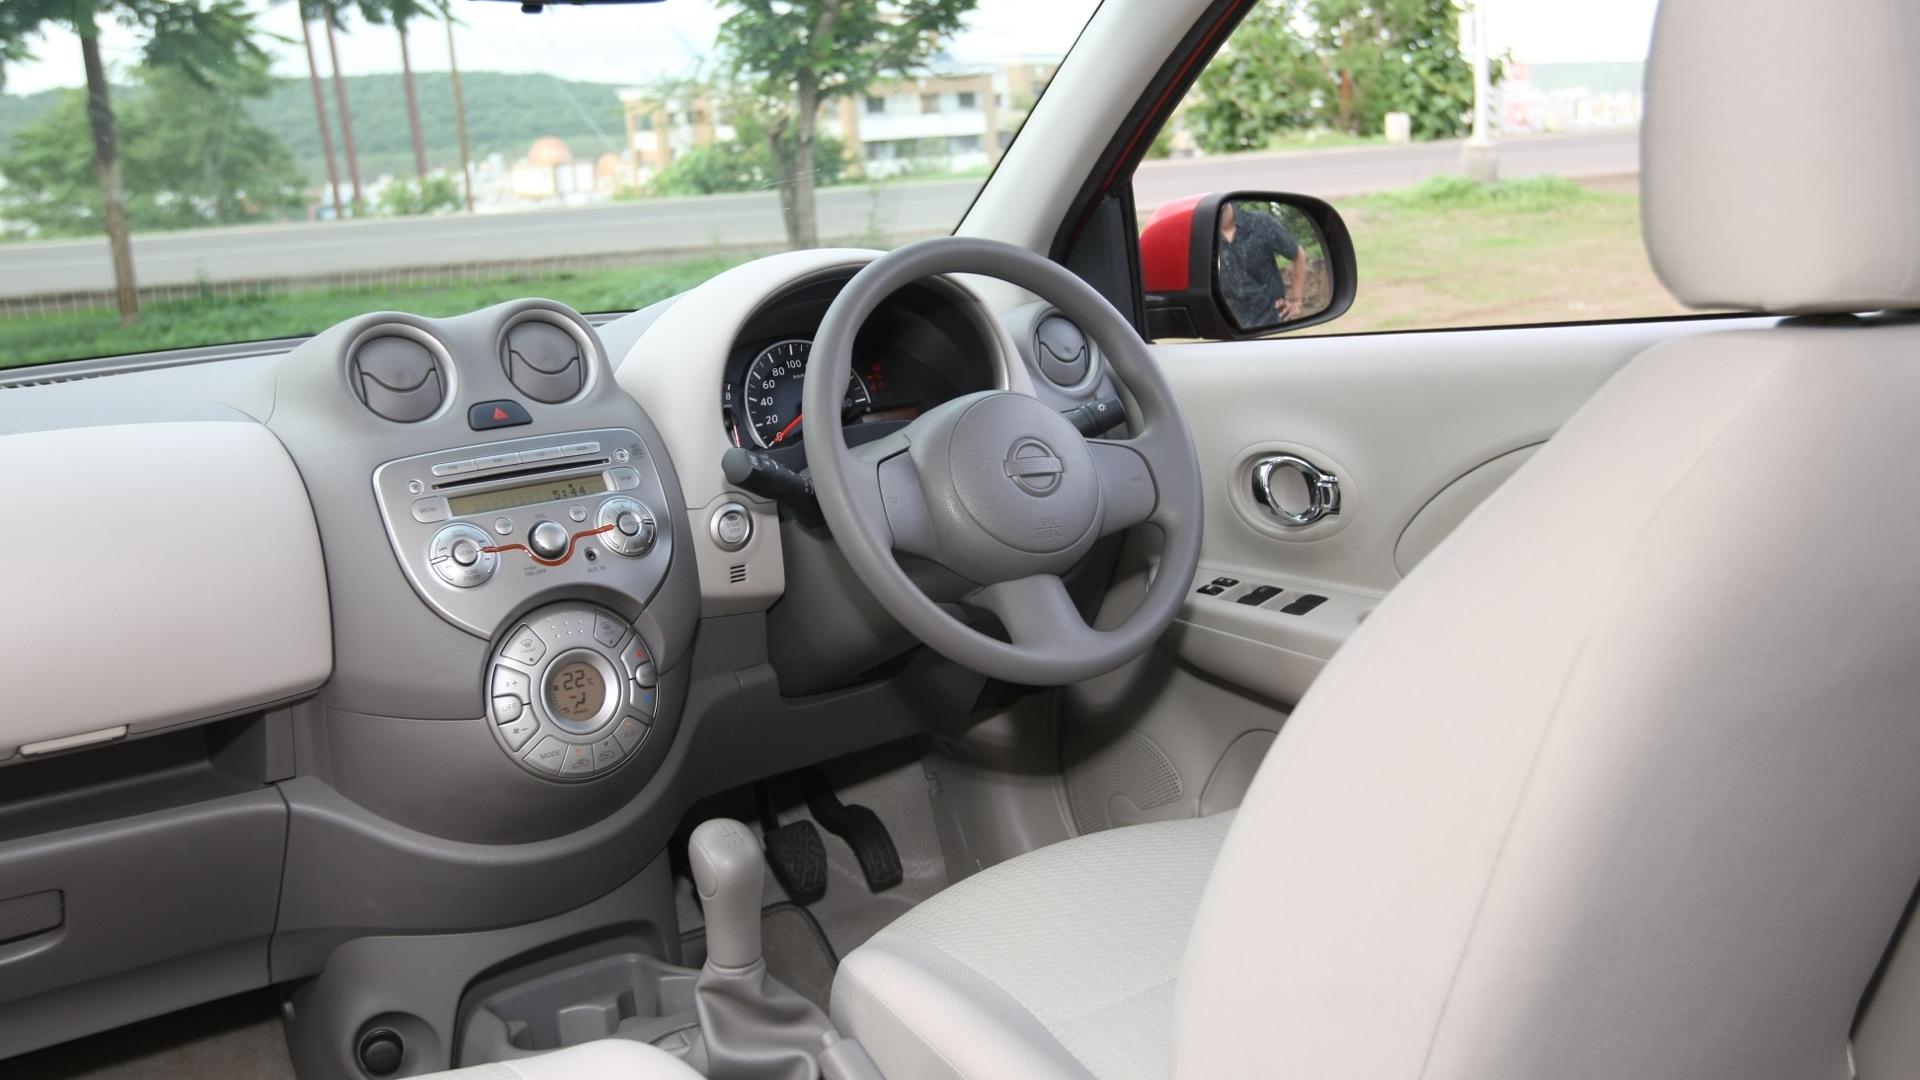 Nissan-Micra-2013-XE-Interior